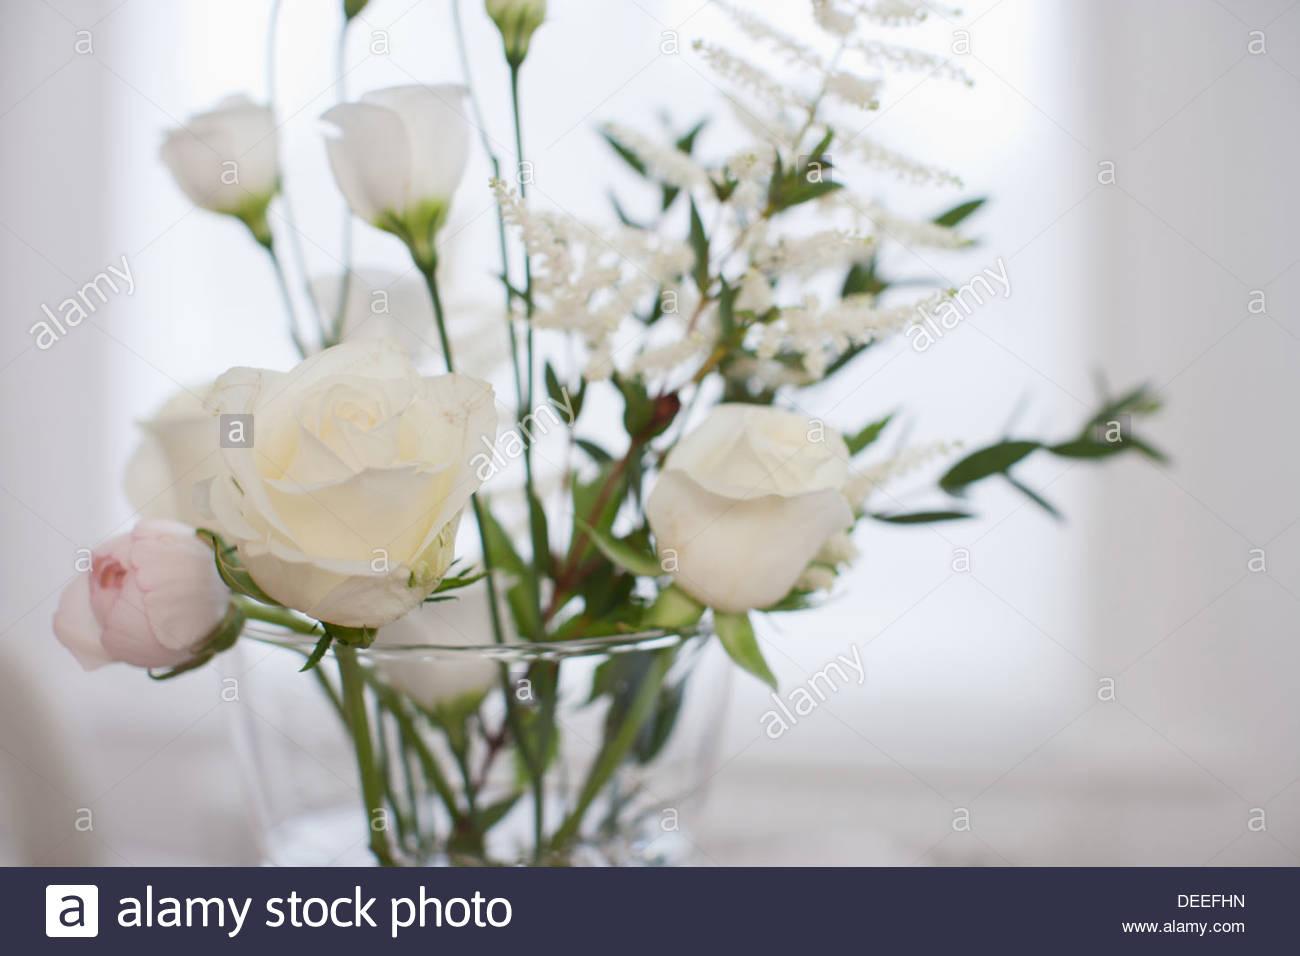 Nahaufnahme von Blumen in Vase auf Tisch Stockbild